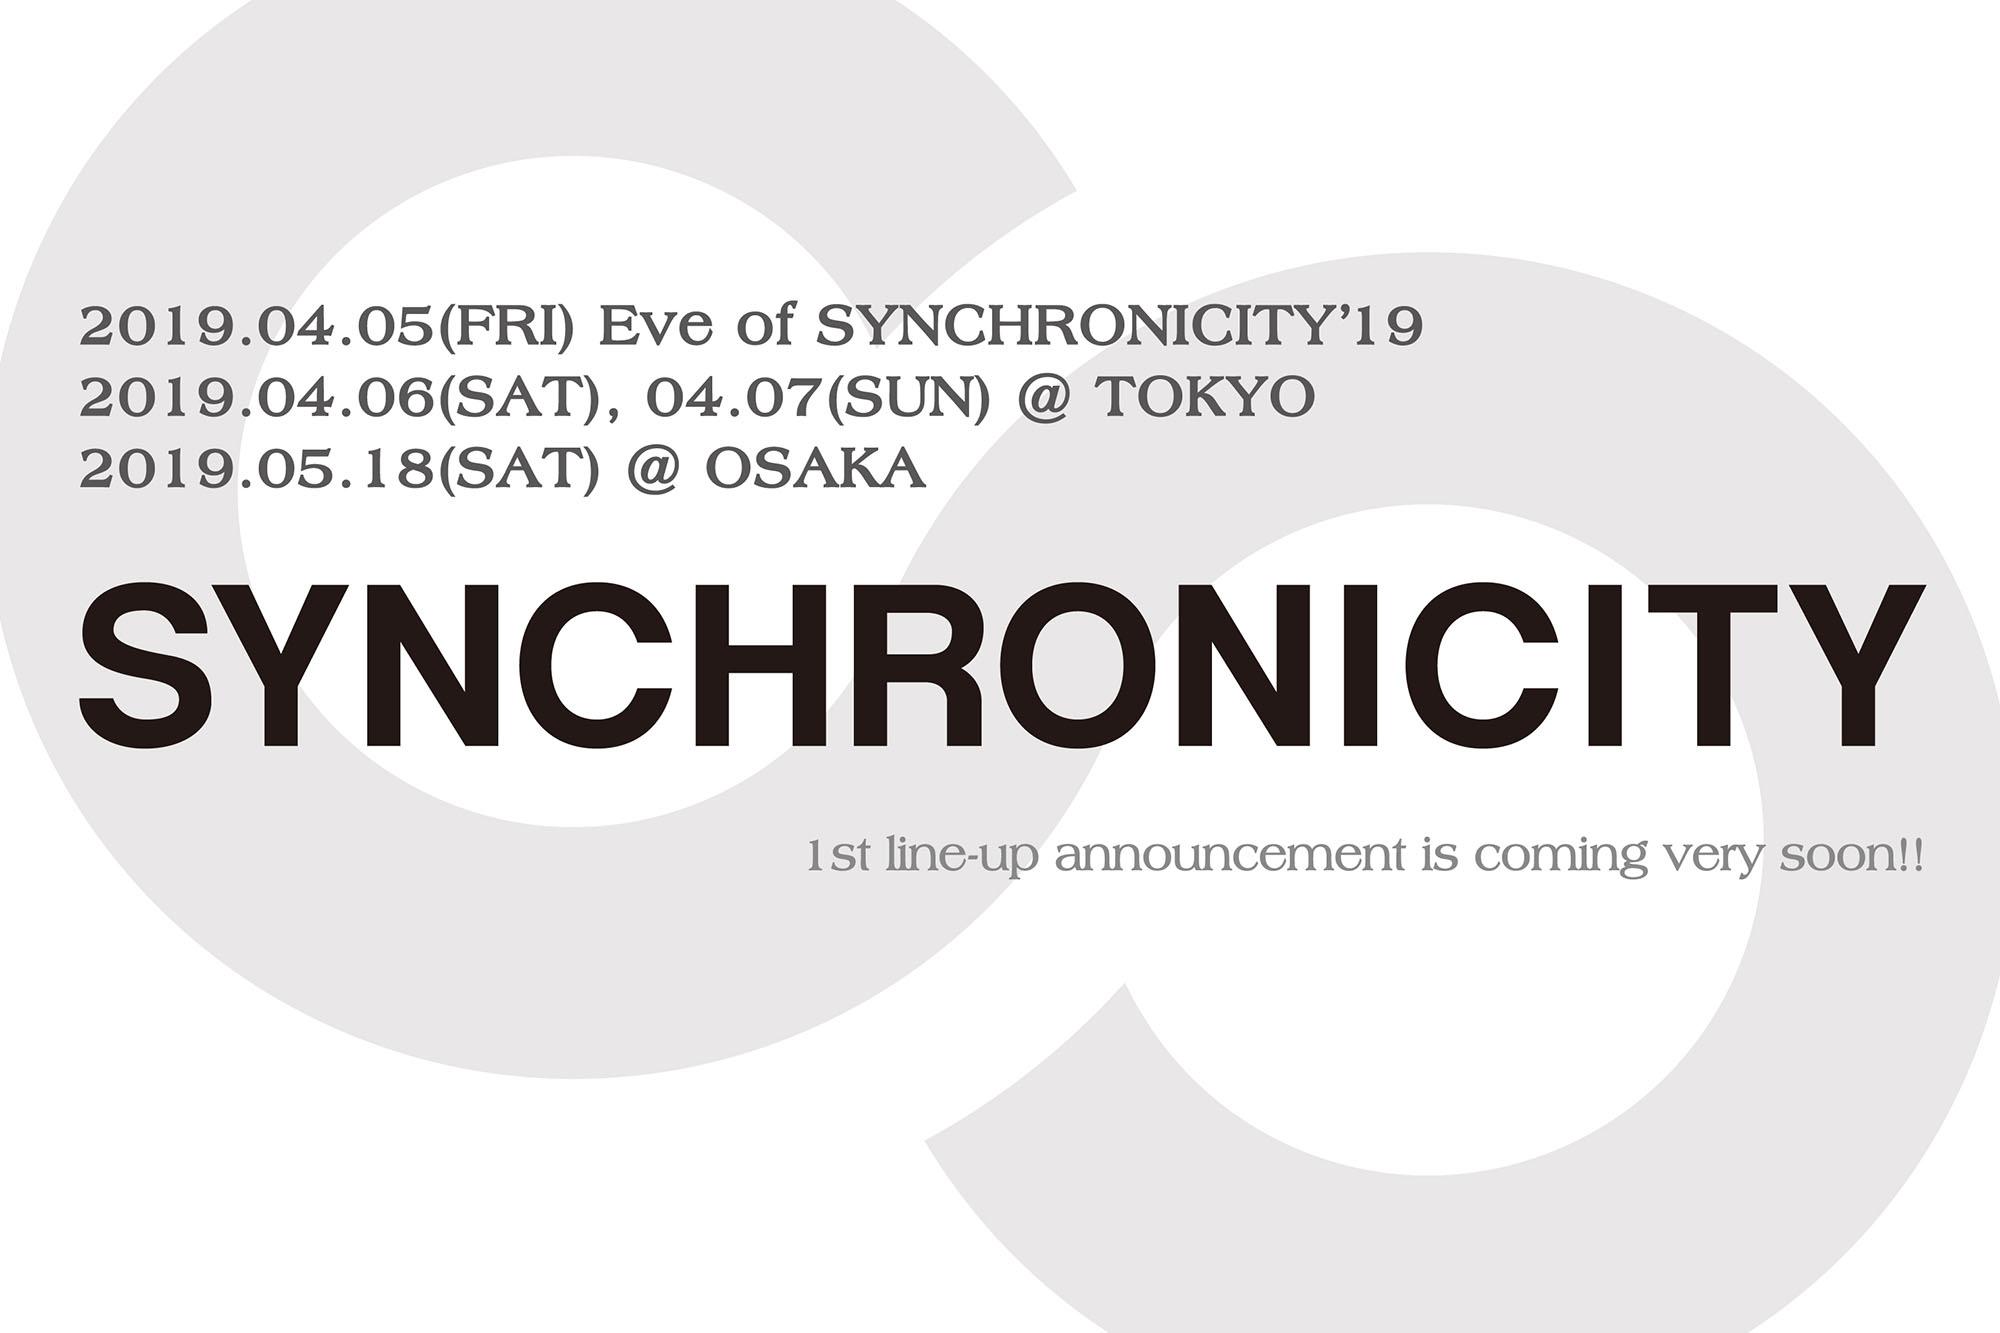 都市型フェスティバル「SYNCHRONICITY'19」東京&大阪で開催決定